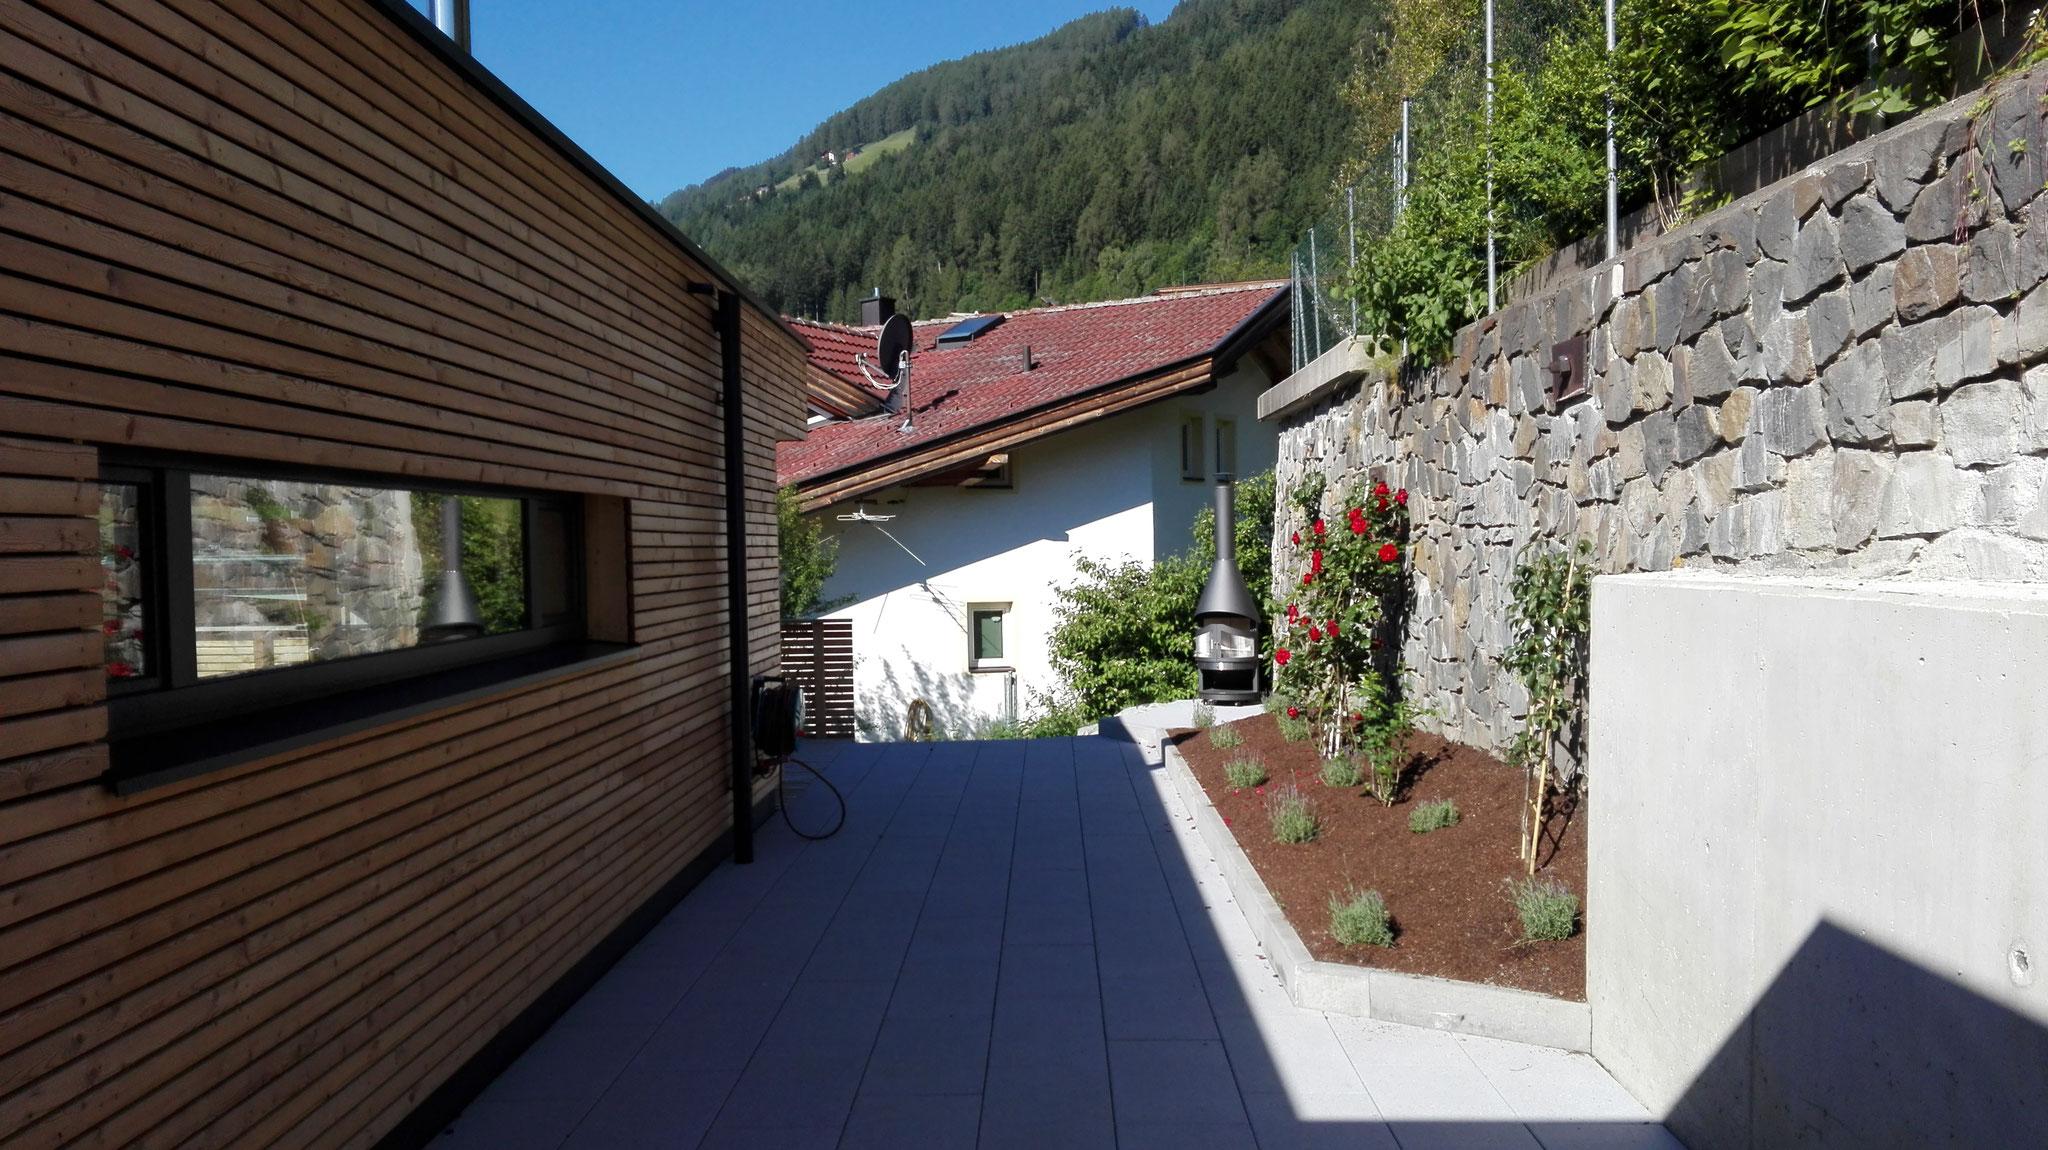 Eingangsbereich mit barrierefreiem Zugang zur Terrasse